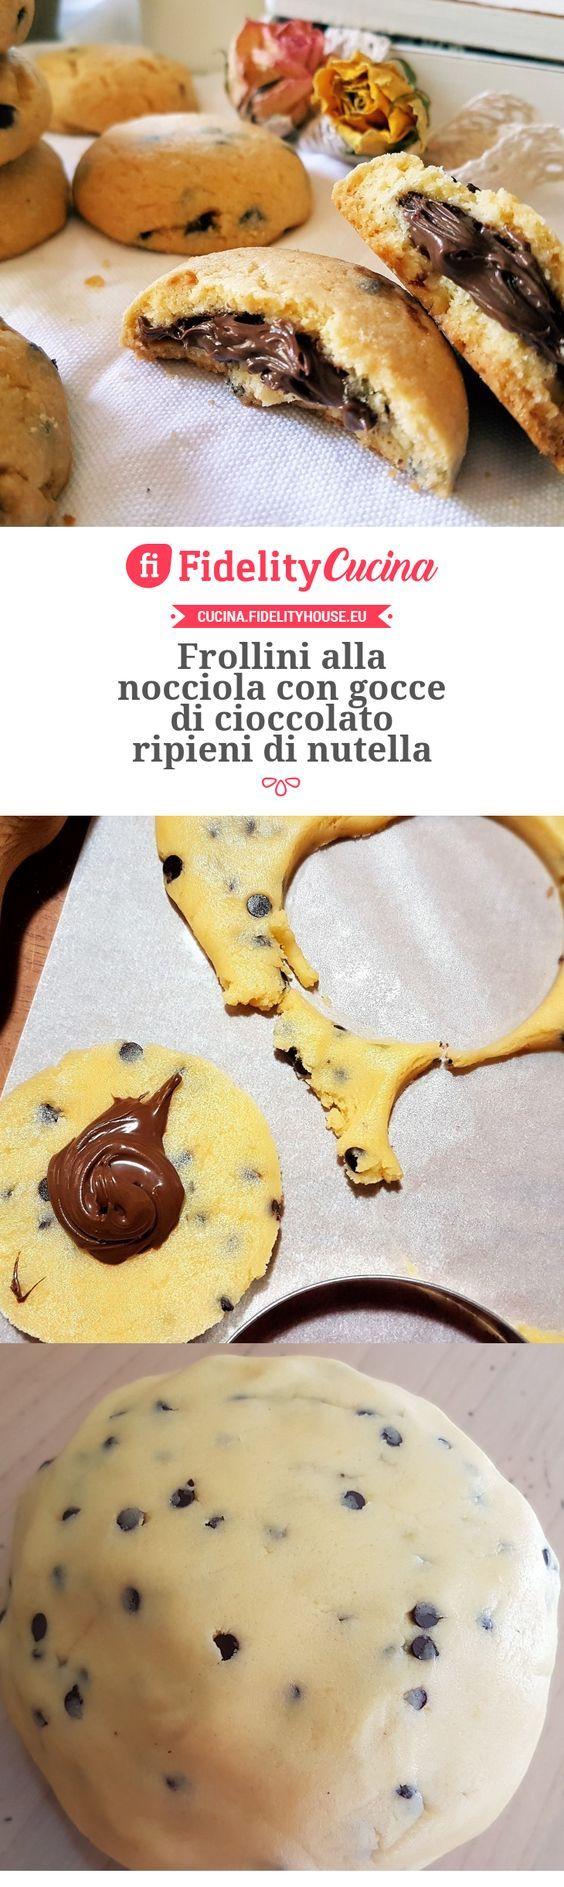 Frollini alla nocciola con gocce di cioccolato ripieni di nutella